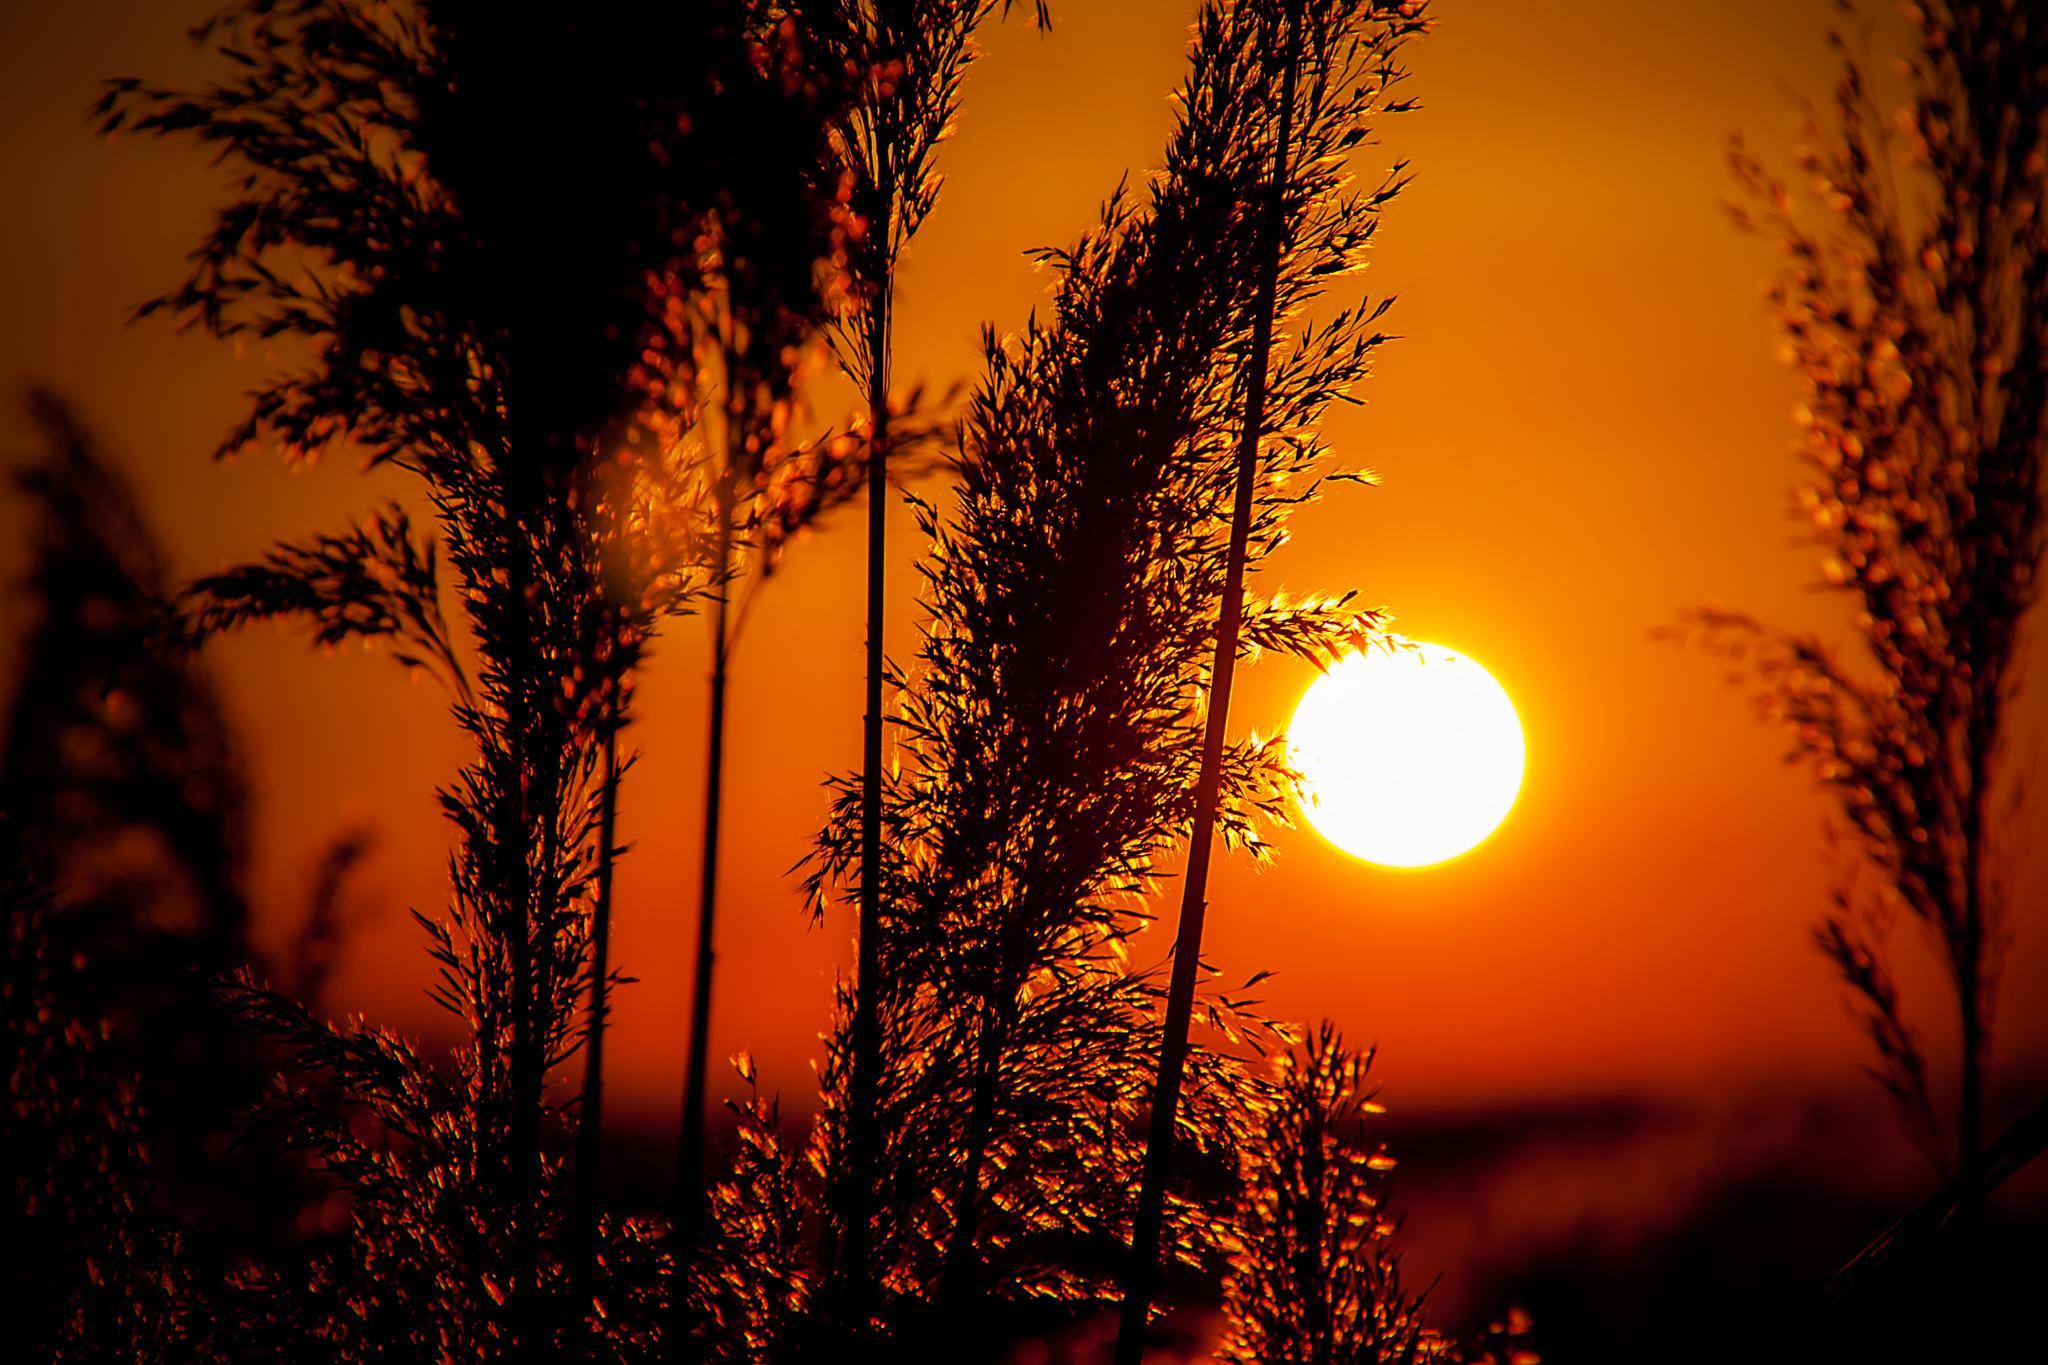 Sunset by fulvio.abbattista